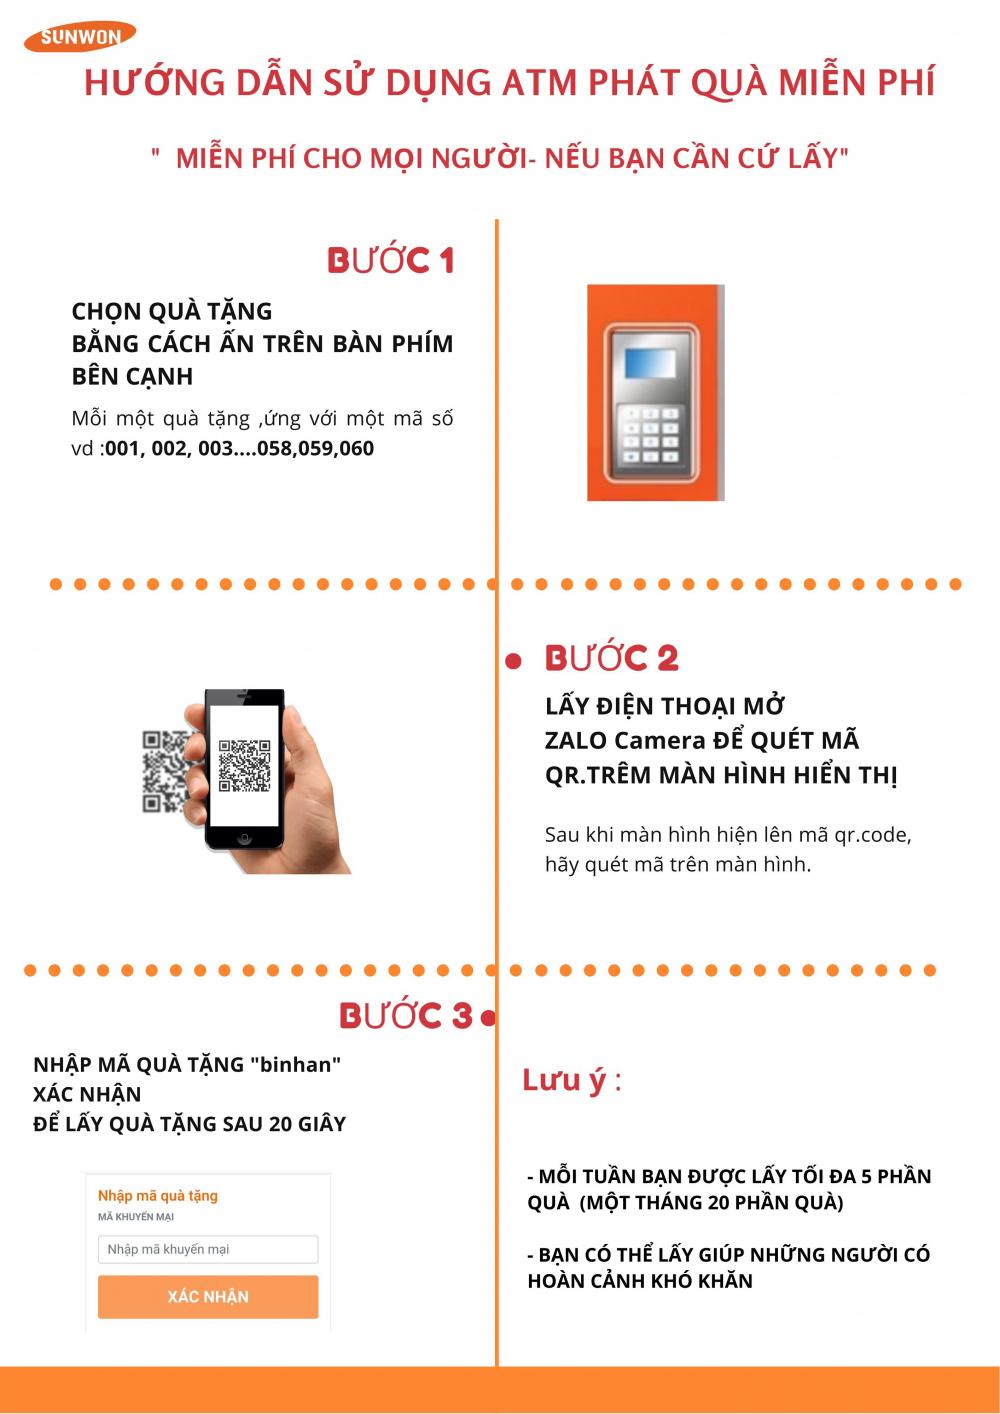 Bảng hưởng dẫn cách lấy quà bằng smartphone.